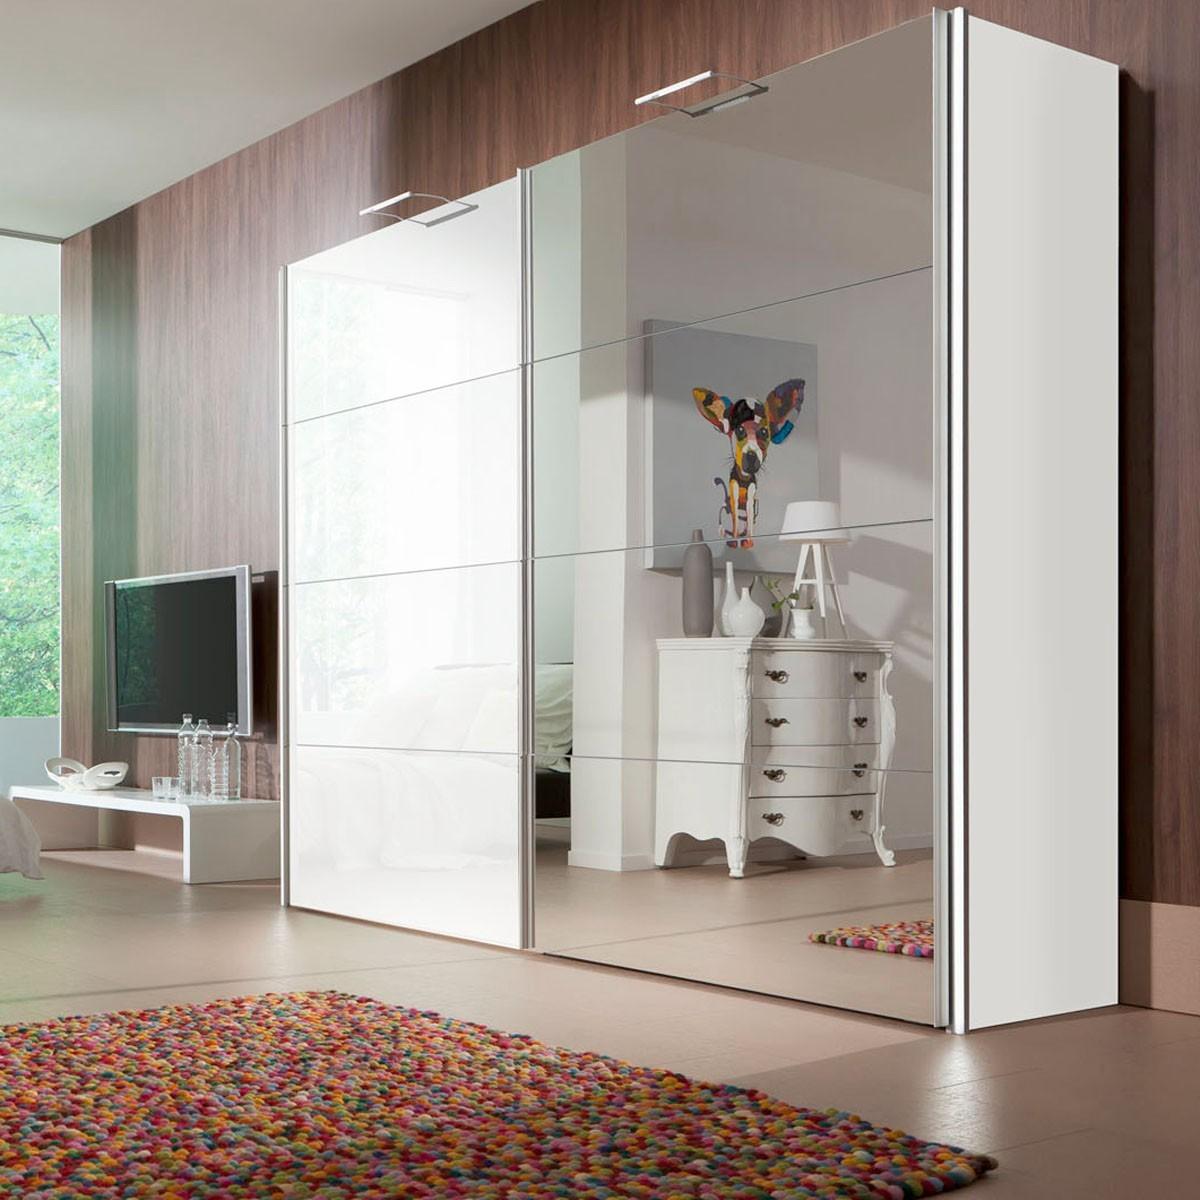 schwebet renschrank wei mit spiegel. Black Bedroom Furniture Sets. Home Design Ideas